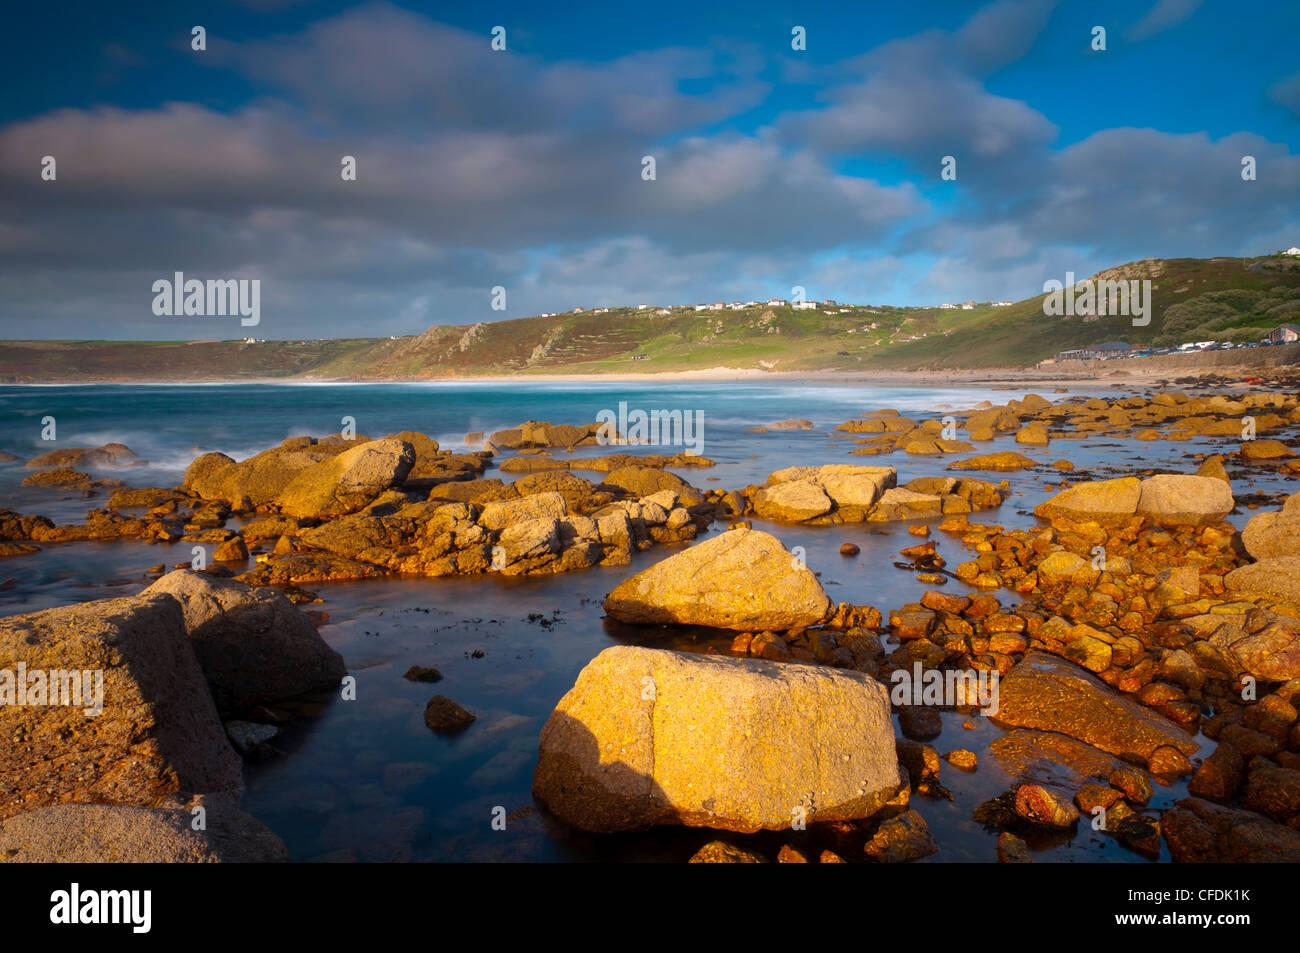 Sennen Cove, Whitesand Bay, Cornwall, England, Regno Unito, Europa Immagini Stock